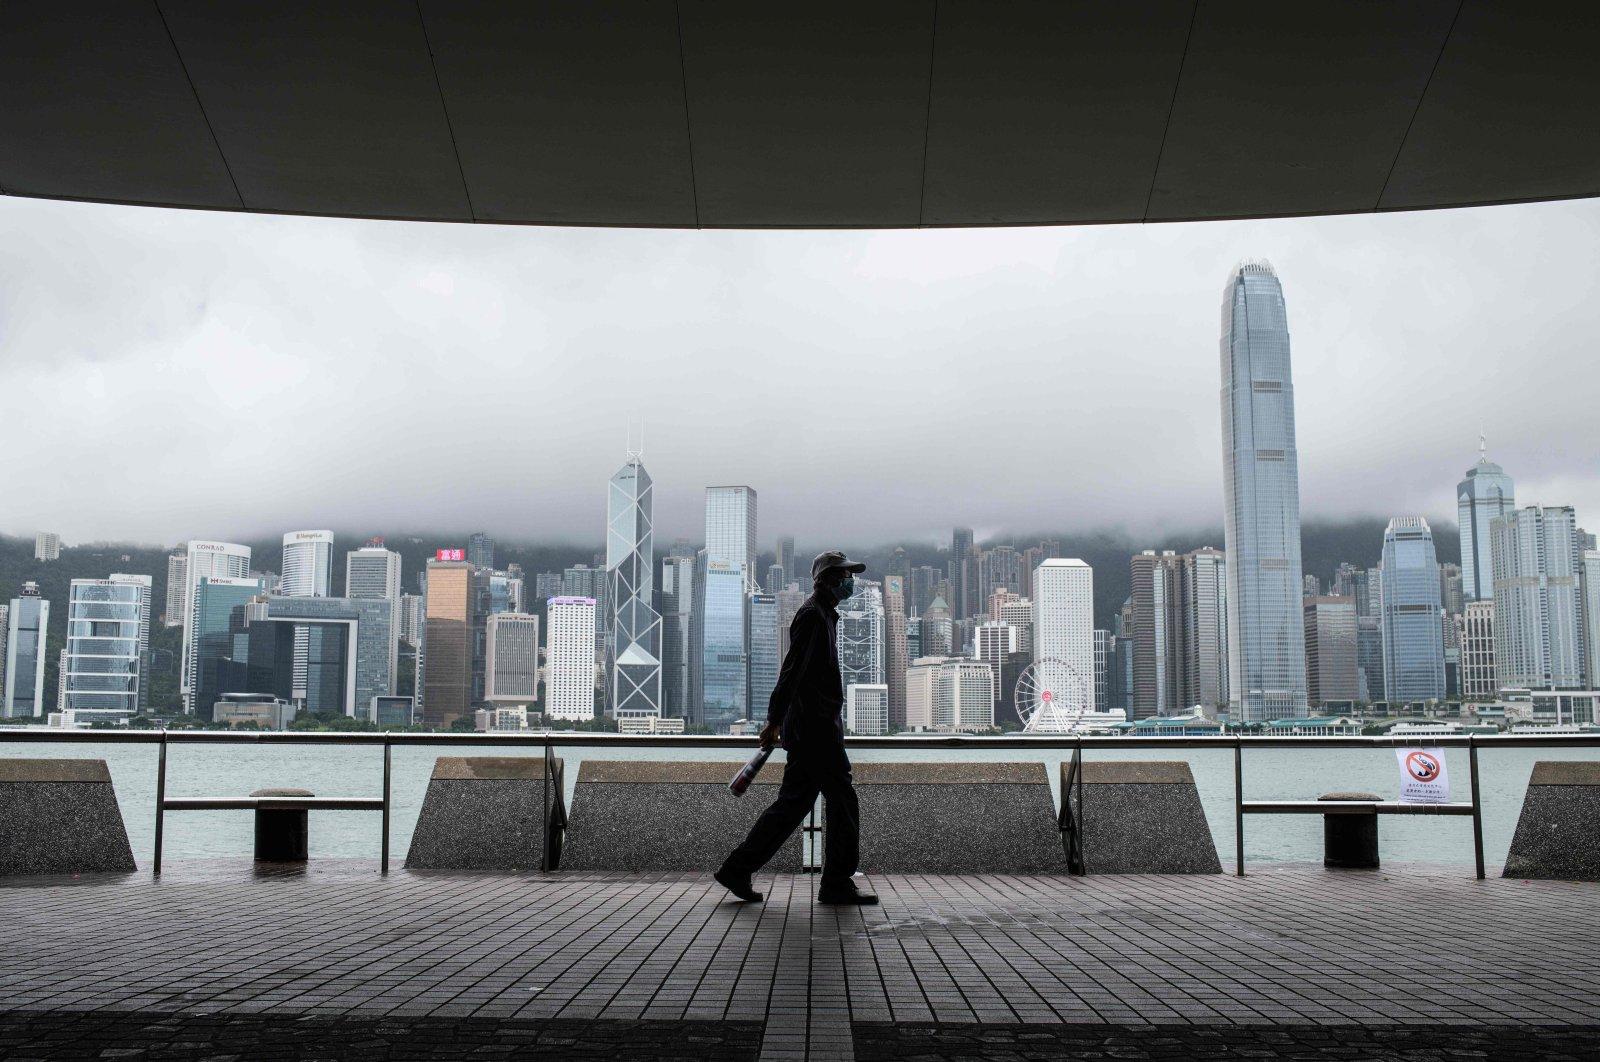 A man walks on Kowloon's Tsim Sha Tsui waterfront facing Victoria Harbor and the Hong Kong skyline (back), Hong Kong, Aug. 19, 2020. (AFP Photo)